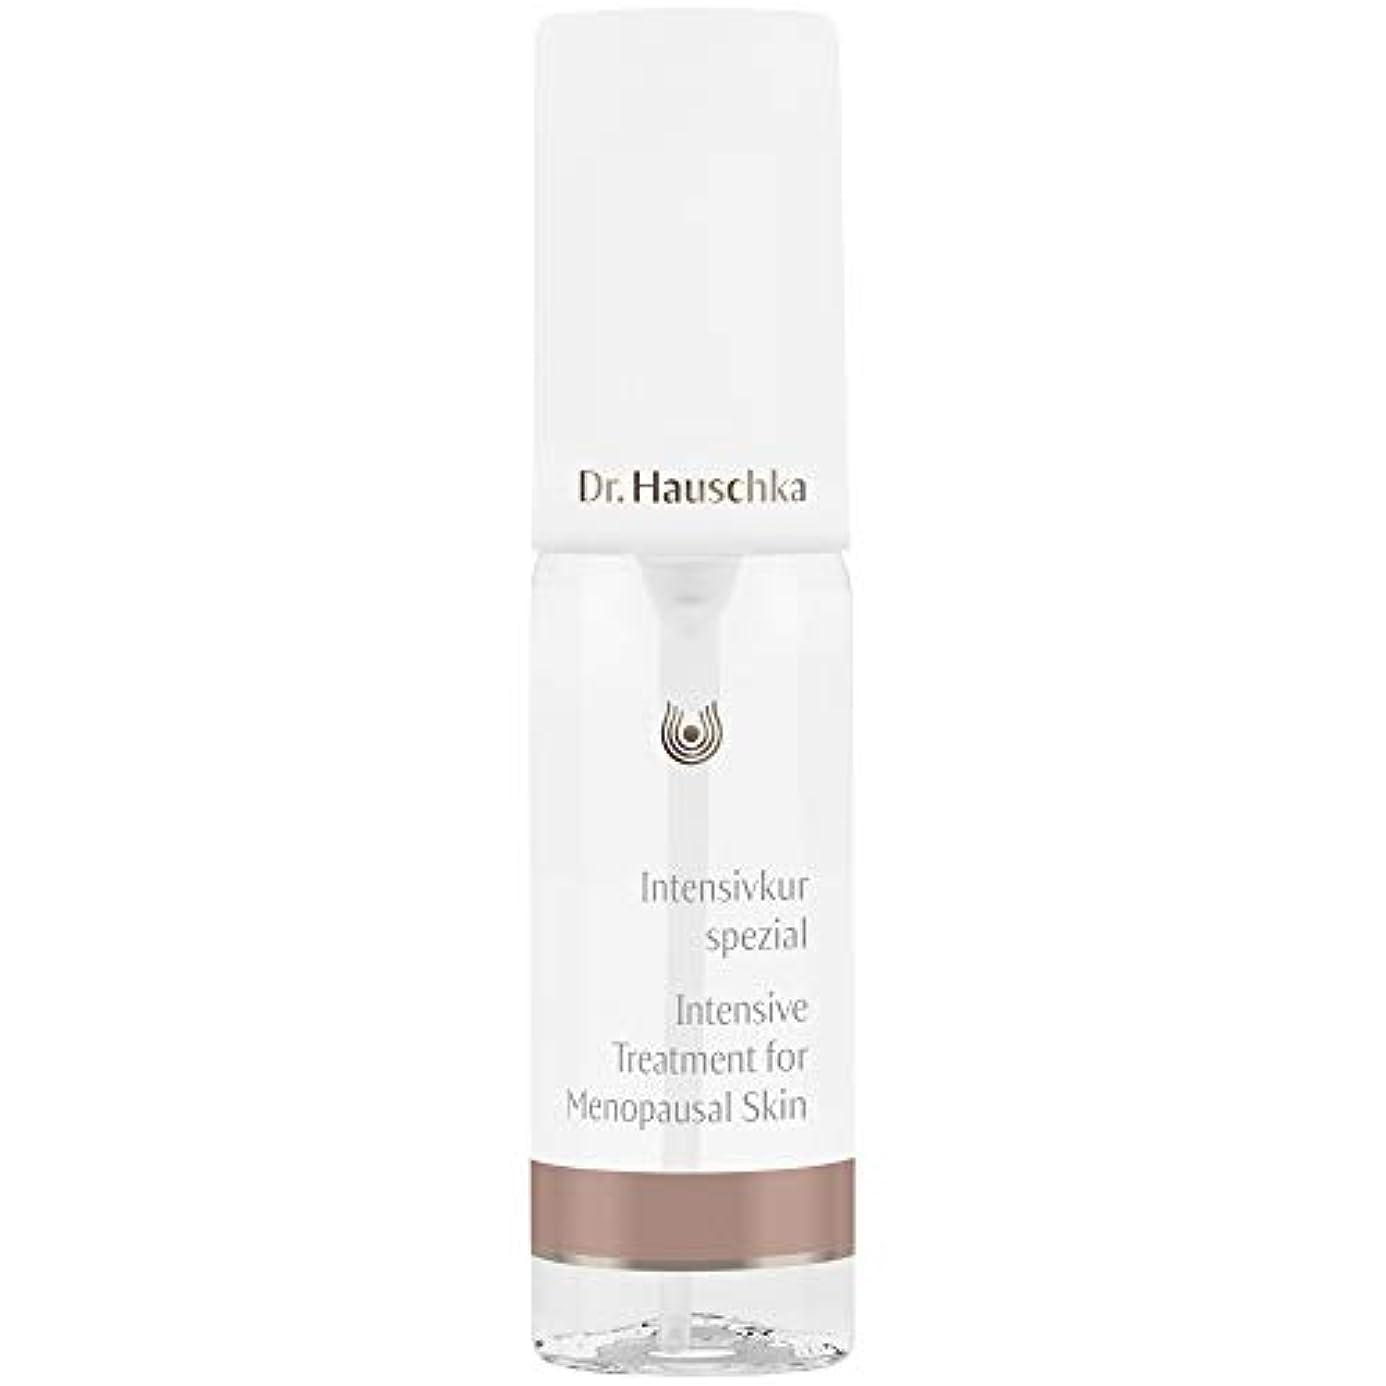 ほかに流行している聴覚[Dr Hauschka] 更年期の皮膚05 40ミリリットルのためのDrハウシュカ集中治療 - Dr Hauschka Intensive Treatment for Menopausal Skin 05 40ml [...